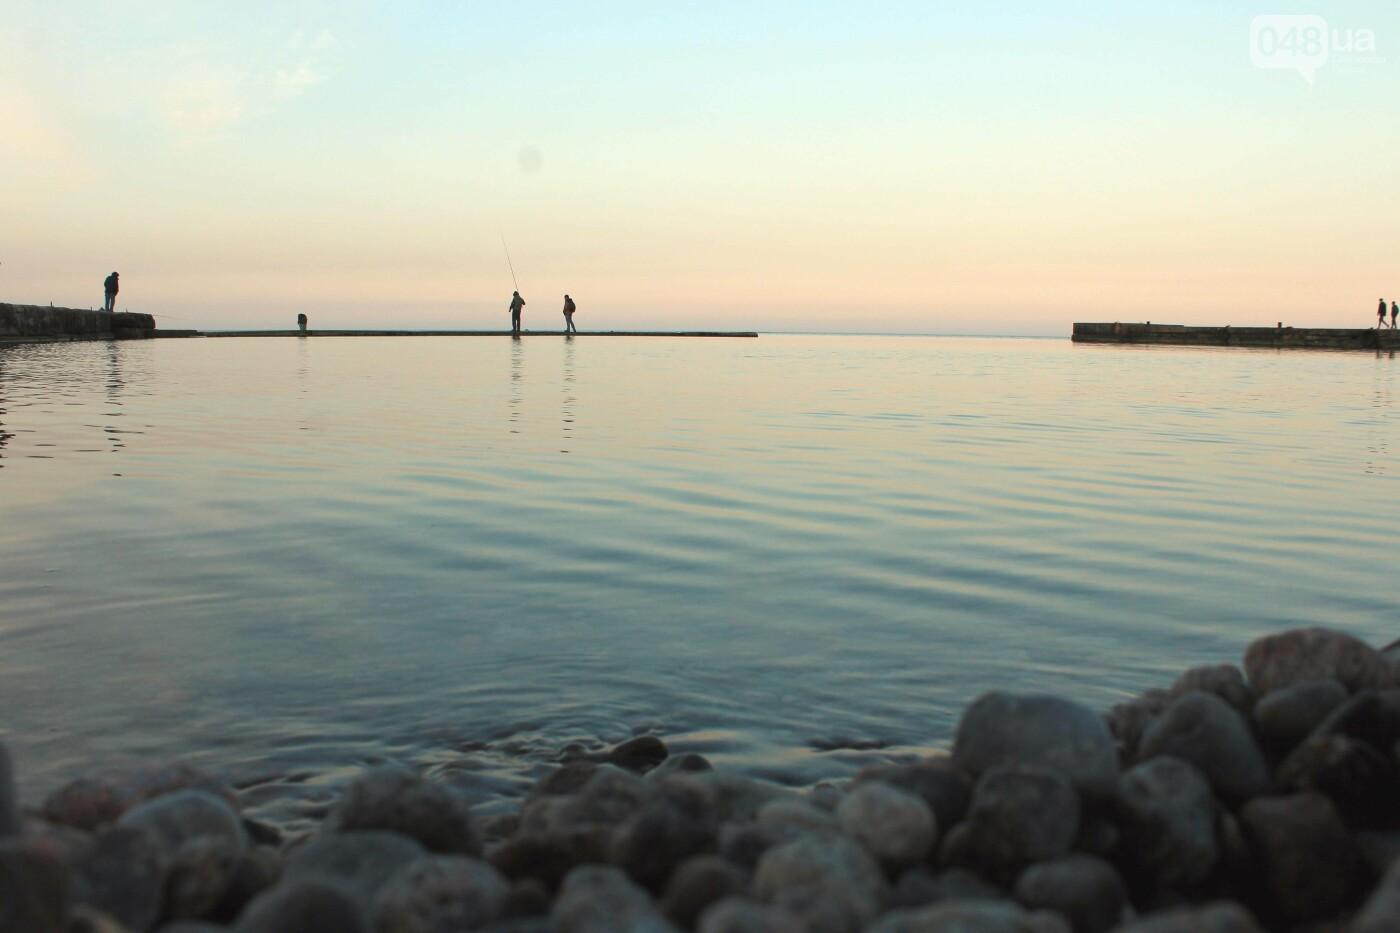 Апрель, Одесса, пляж: закат раскрасил море лазурными красками,- ФОТОПЯТНИЦА, фото-4